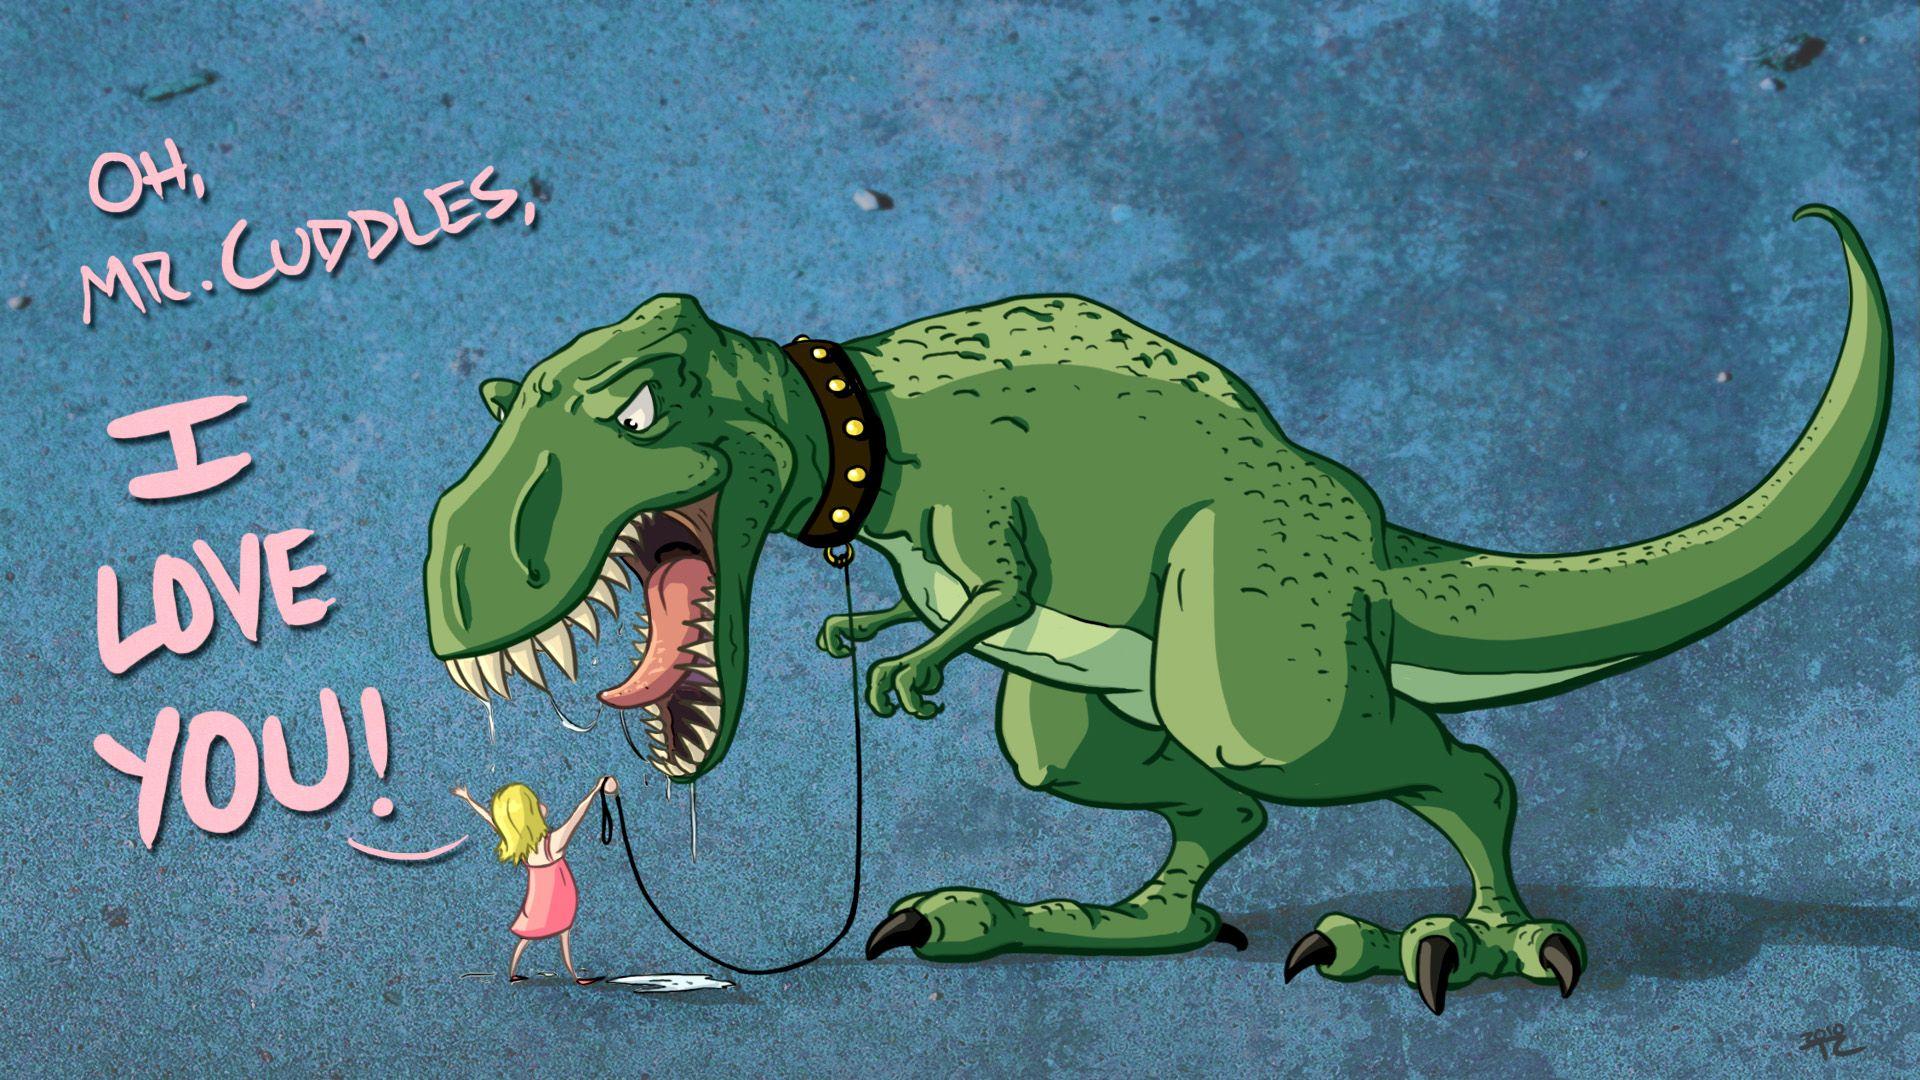 Mr Cuddles Desktop Dinosaur Wallpaper Http Www Dinopit Com Dinosaur Funny Dinosaur Wallpaper Cute Dinosaur